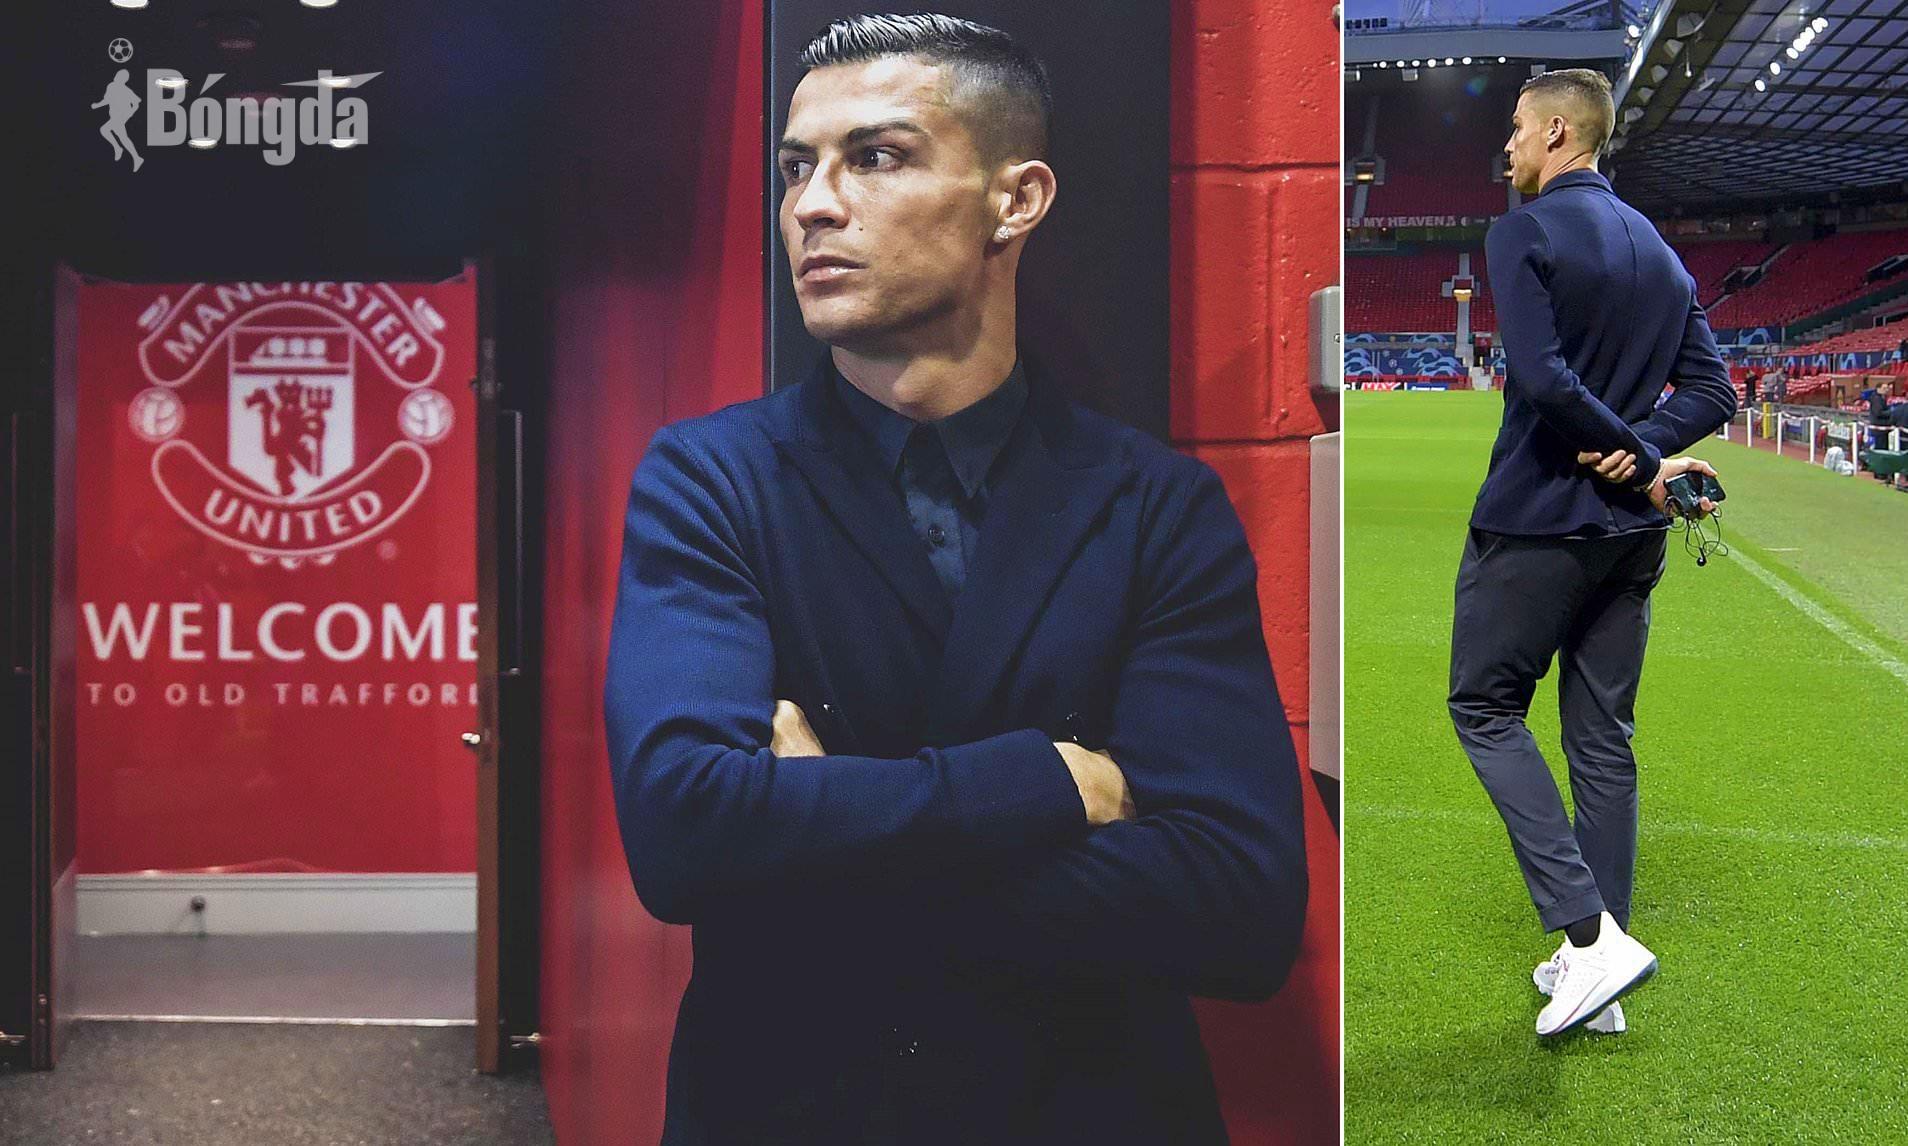 Chia tay Juventus, Cristiano Ronaldo tái hợp 'Gã khổng lồ' Manchester United?